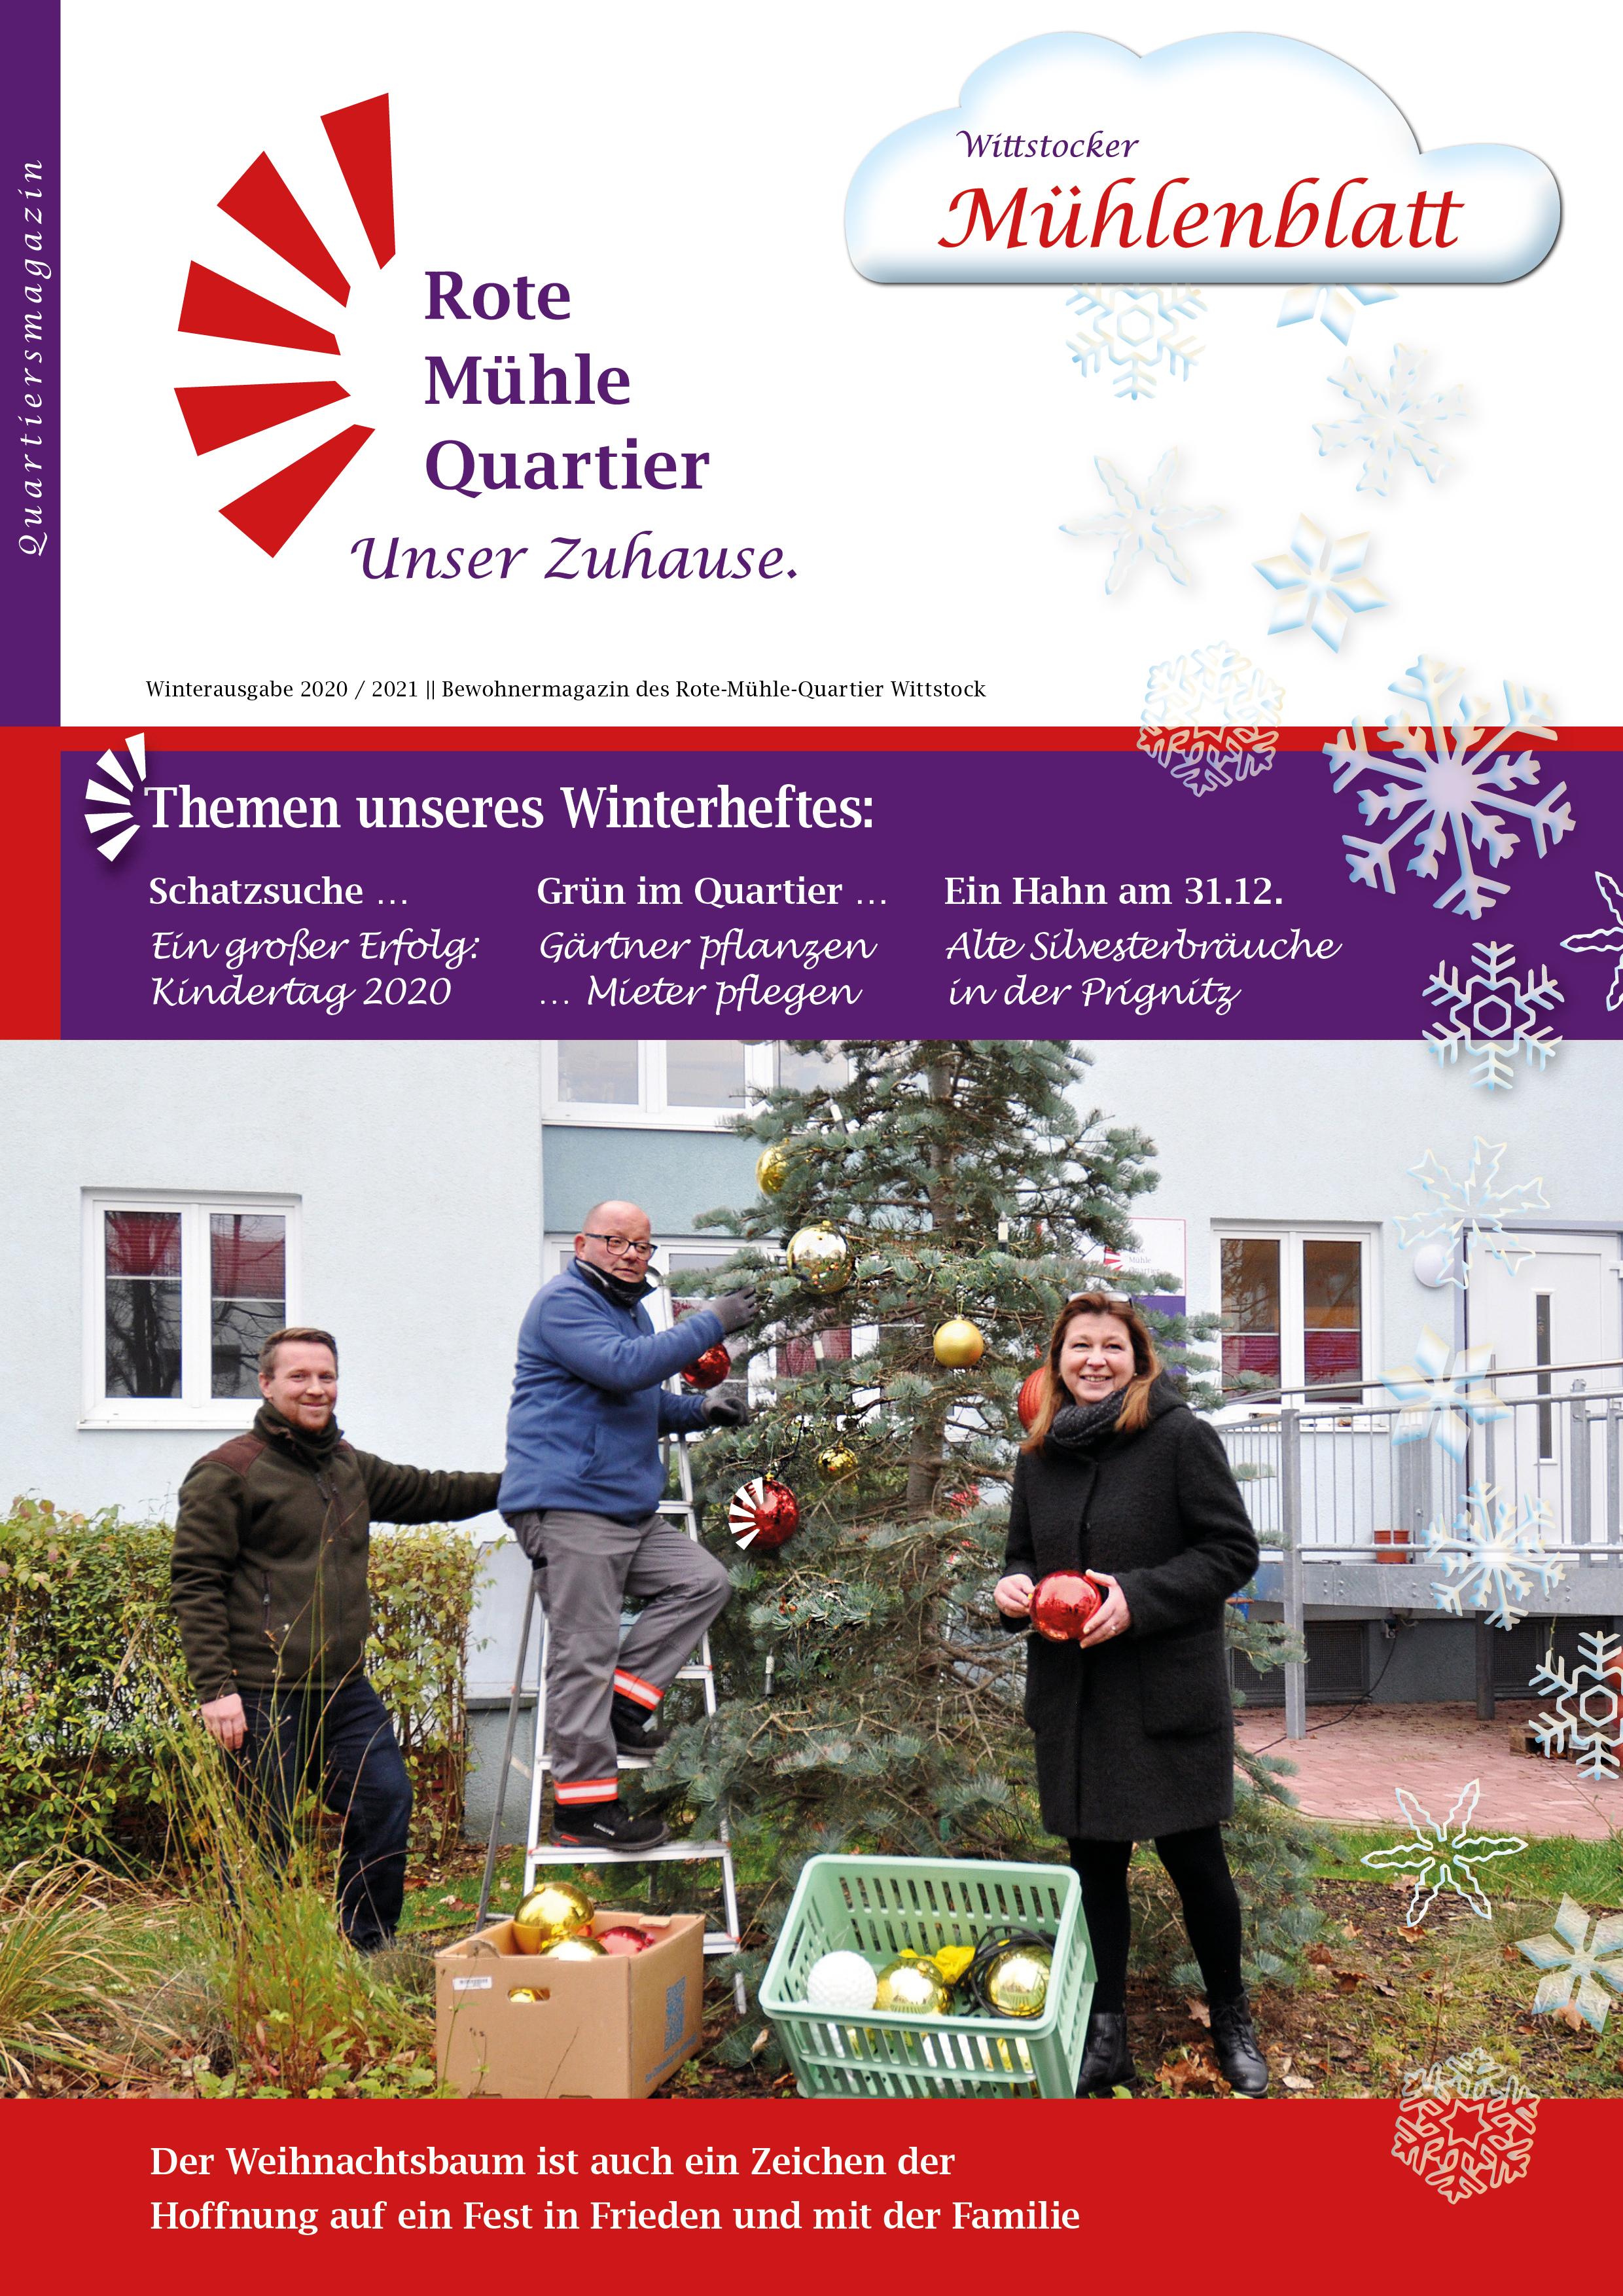 Der Weihnachtsbaum ist auch ein Zeichen der  Hoffnung auf ein Fest in Frieden und mit der Familie Titel 31 Winter 2020-21 Mühlenblatt Wittstock